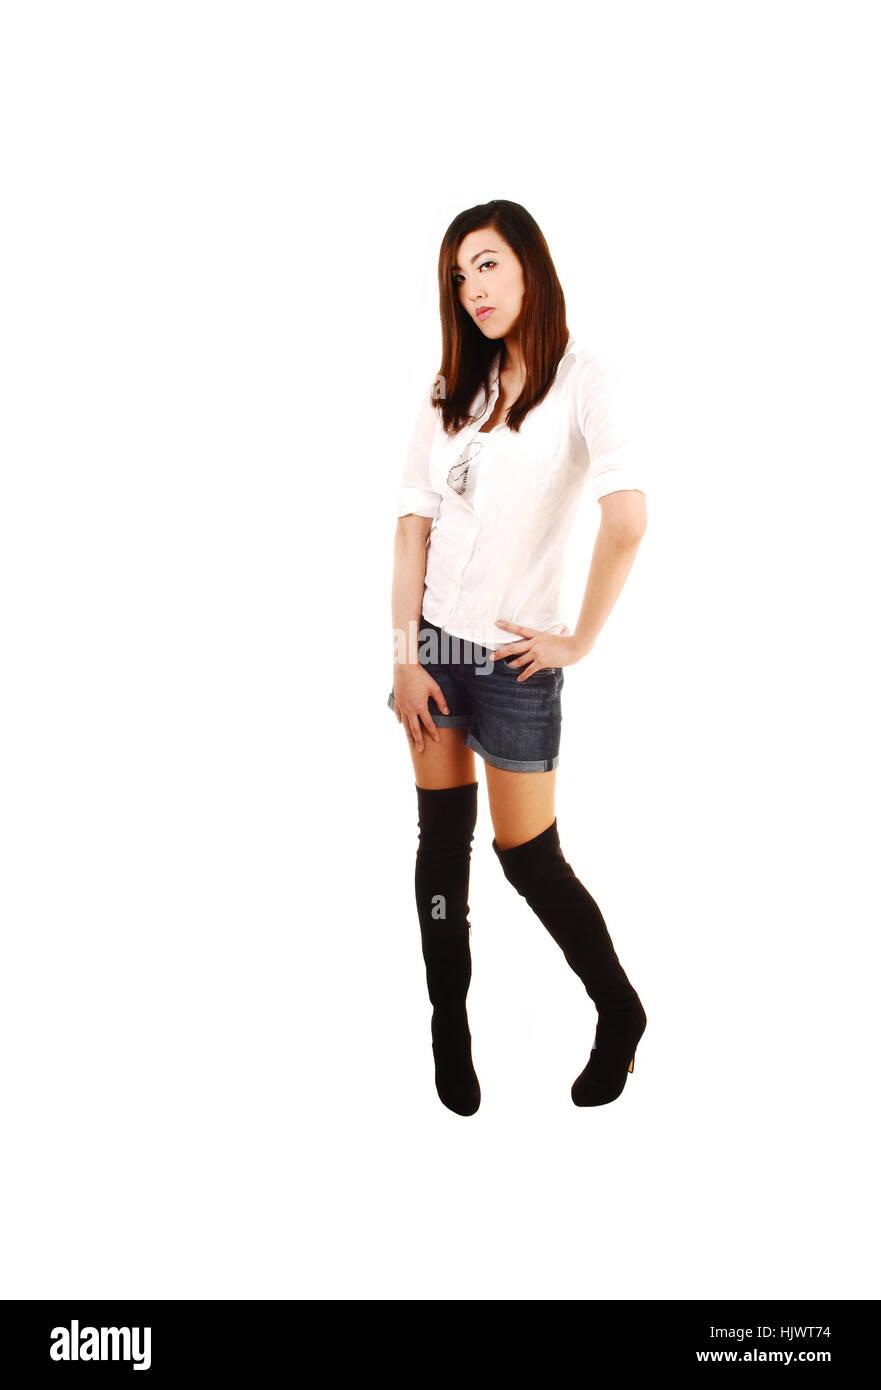 db3c62794 Una joven china muy altos para fondo blanco permanente en negro botas  largas y pantalones cortos.